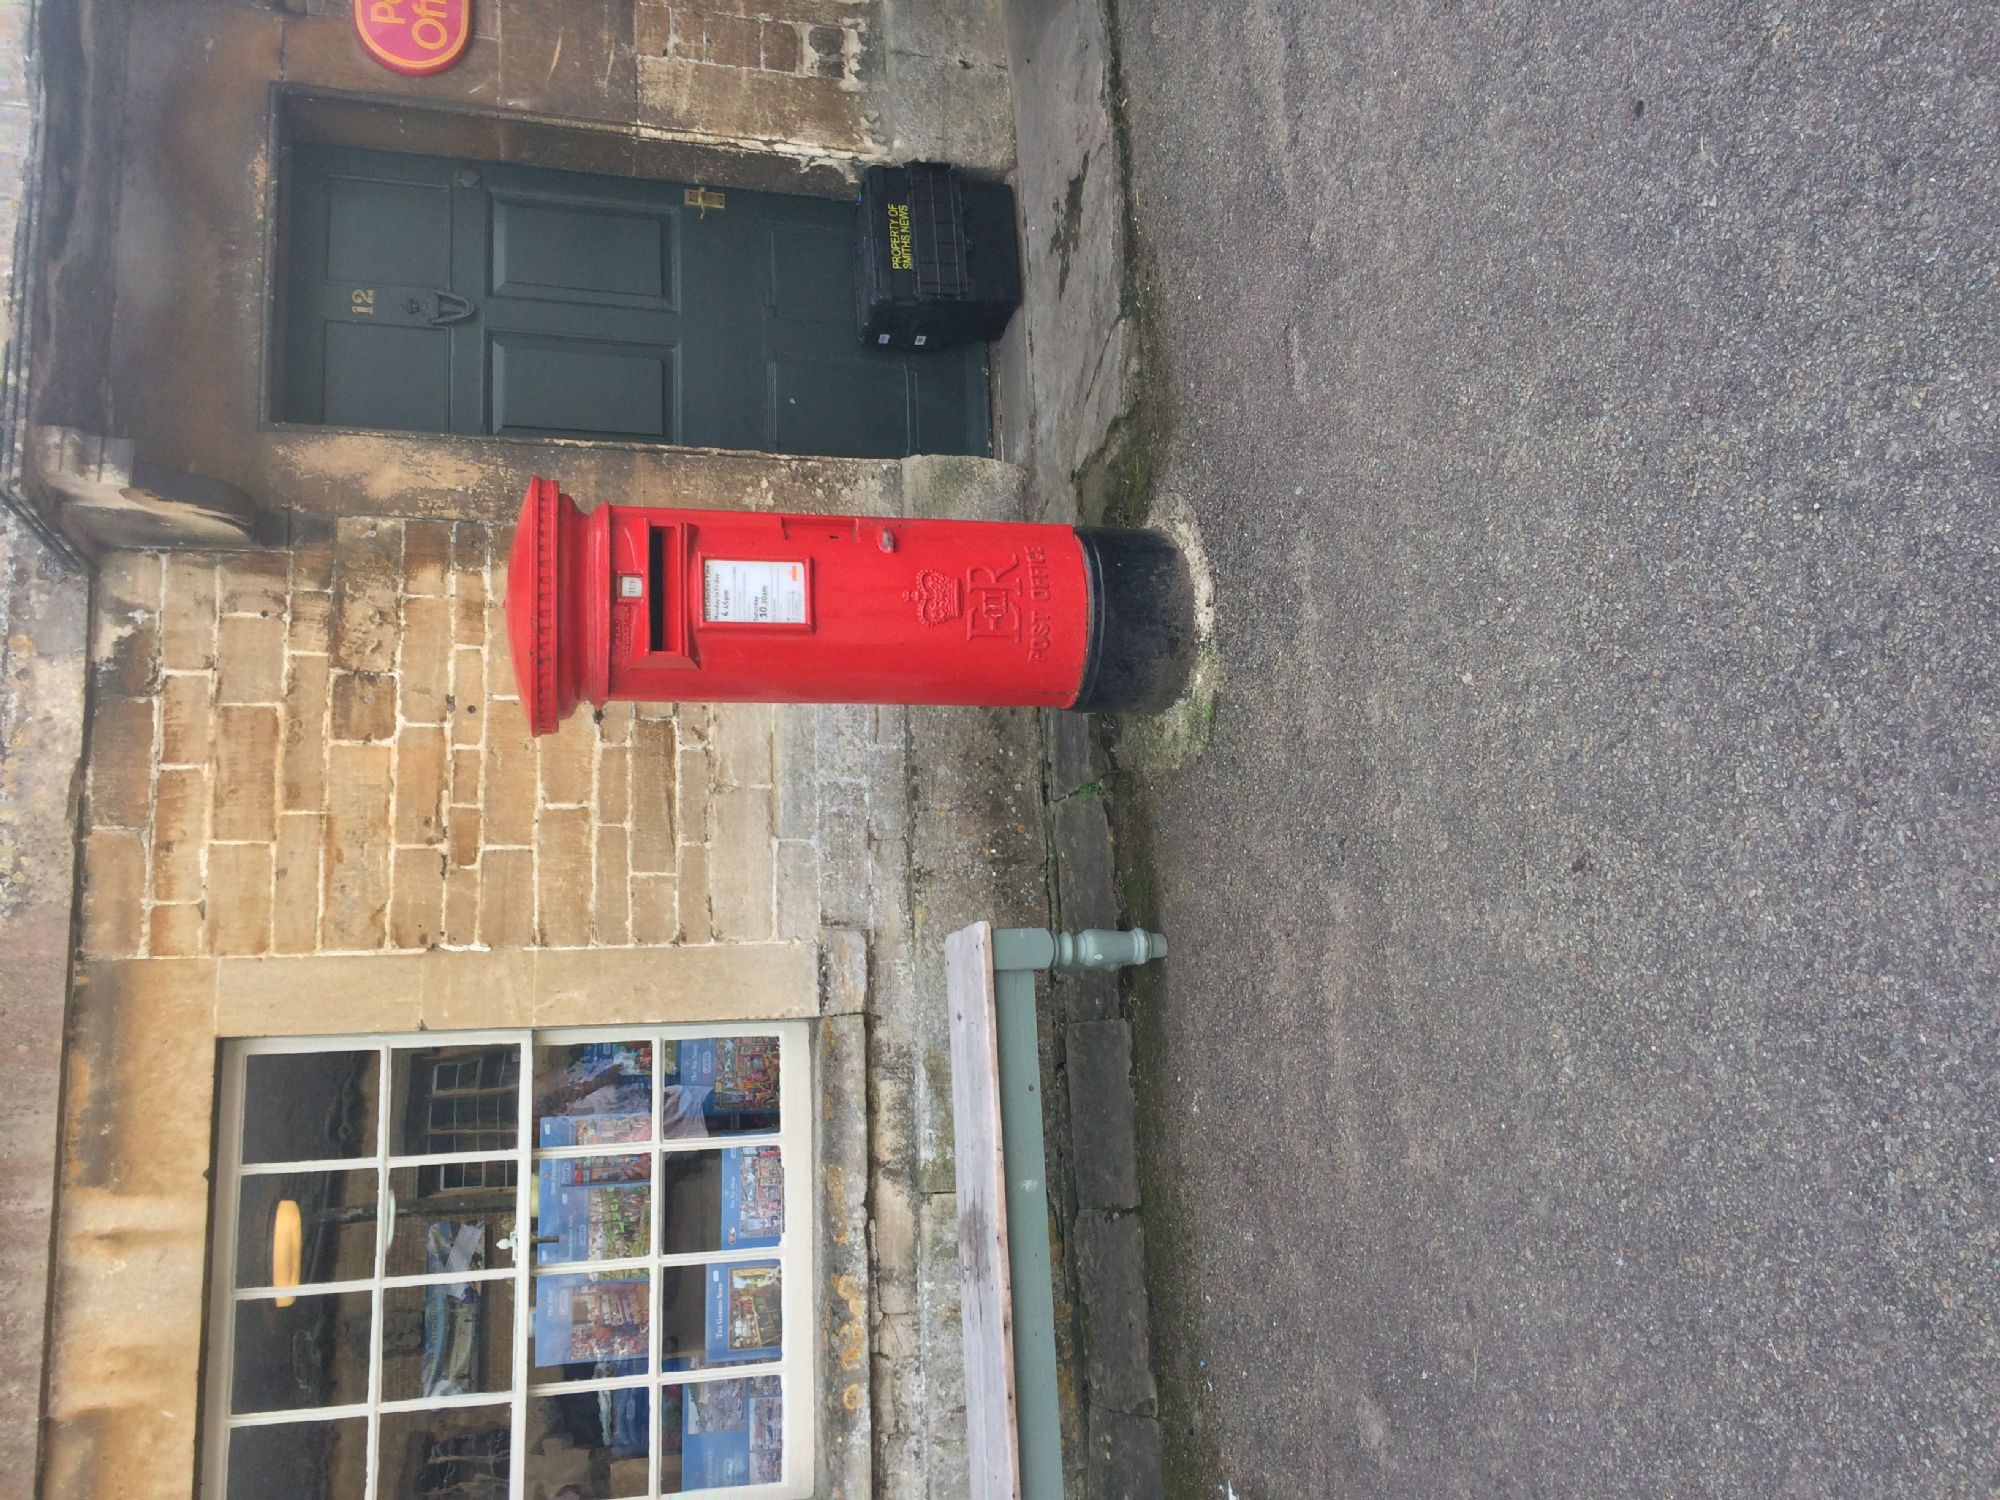 Medivial Post Box